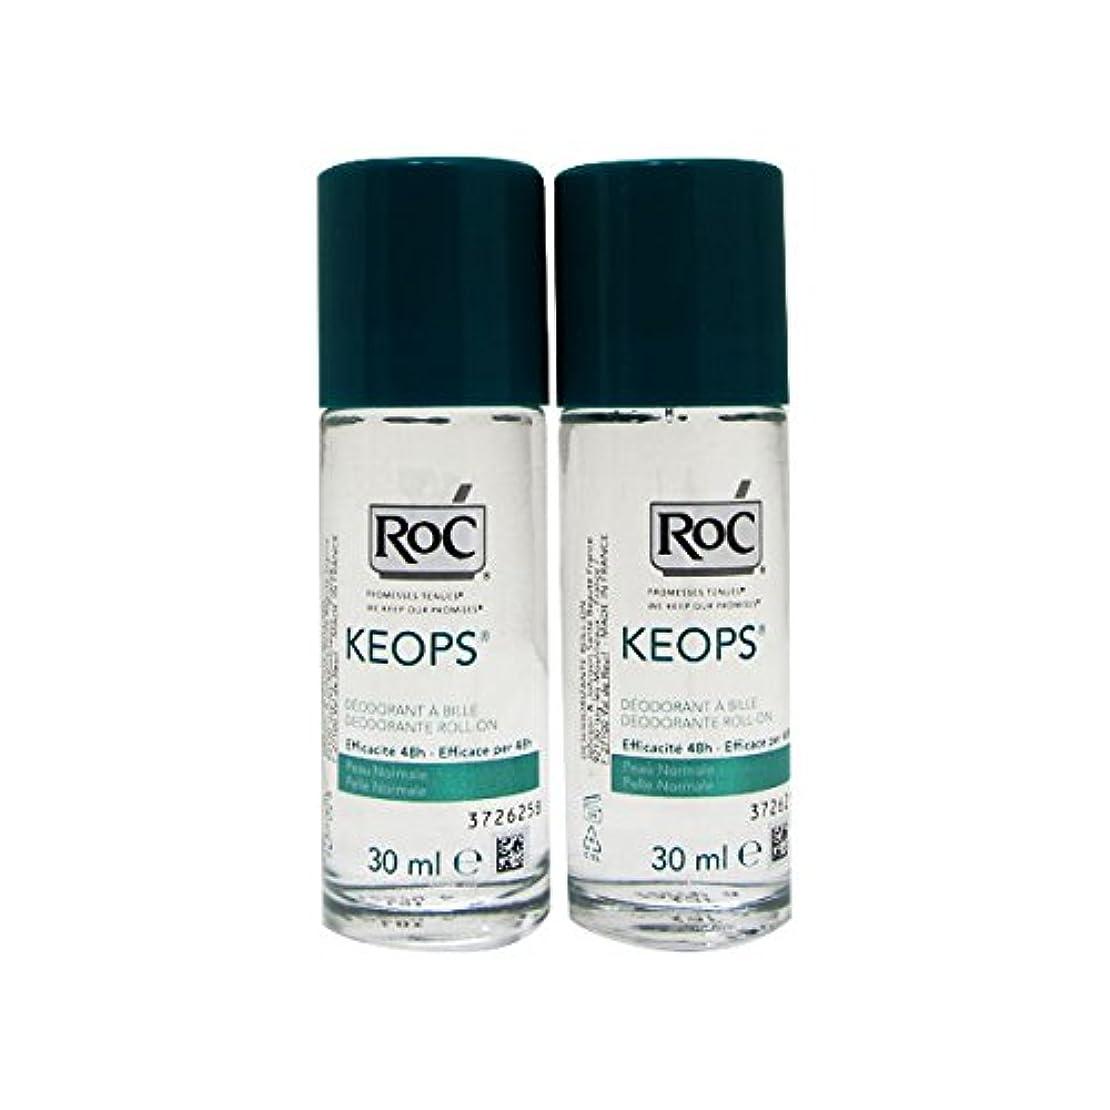 ジョガーテーブルツーリストRoc Pack Keops Deodorant Roll On Intense Sweating 2x30ml [並行輸入品]